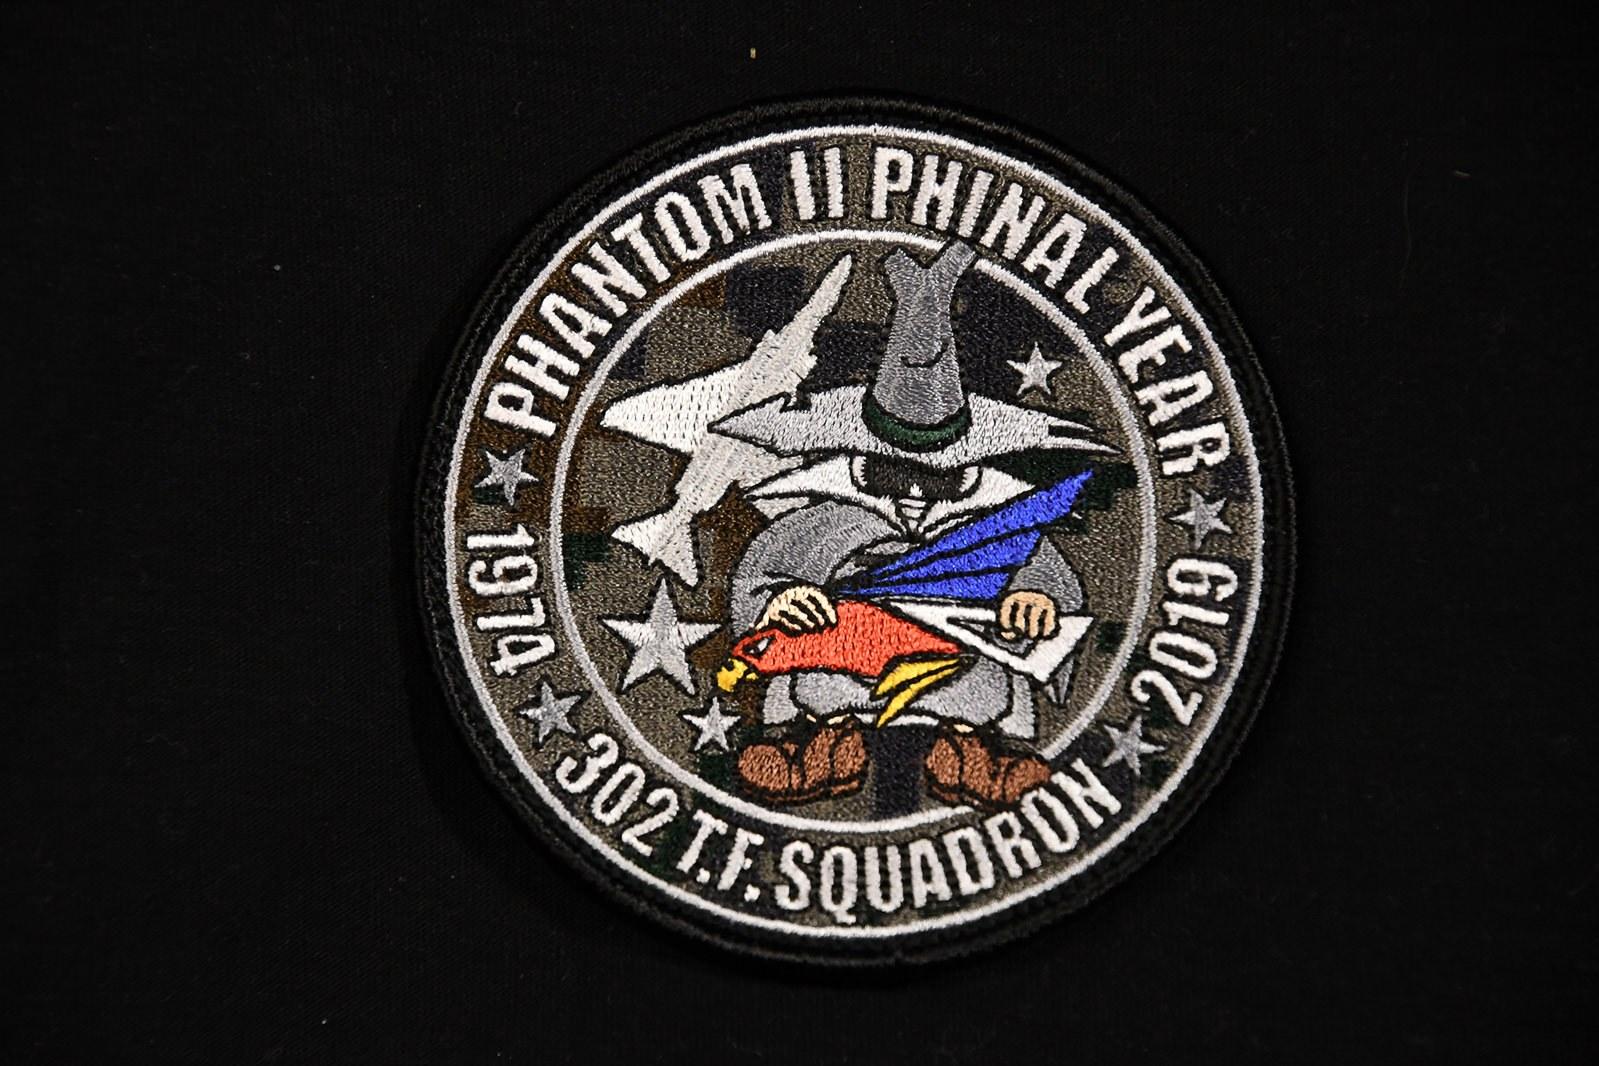 ps5_1312-patch-afscheid-302-tfs-peter-steendam